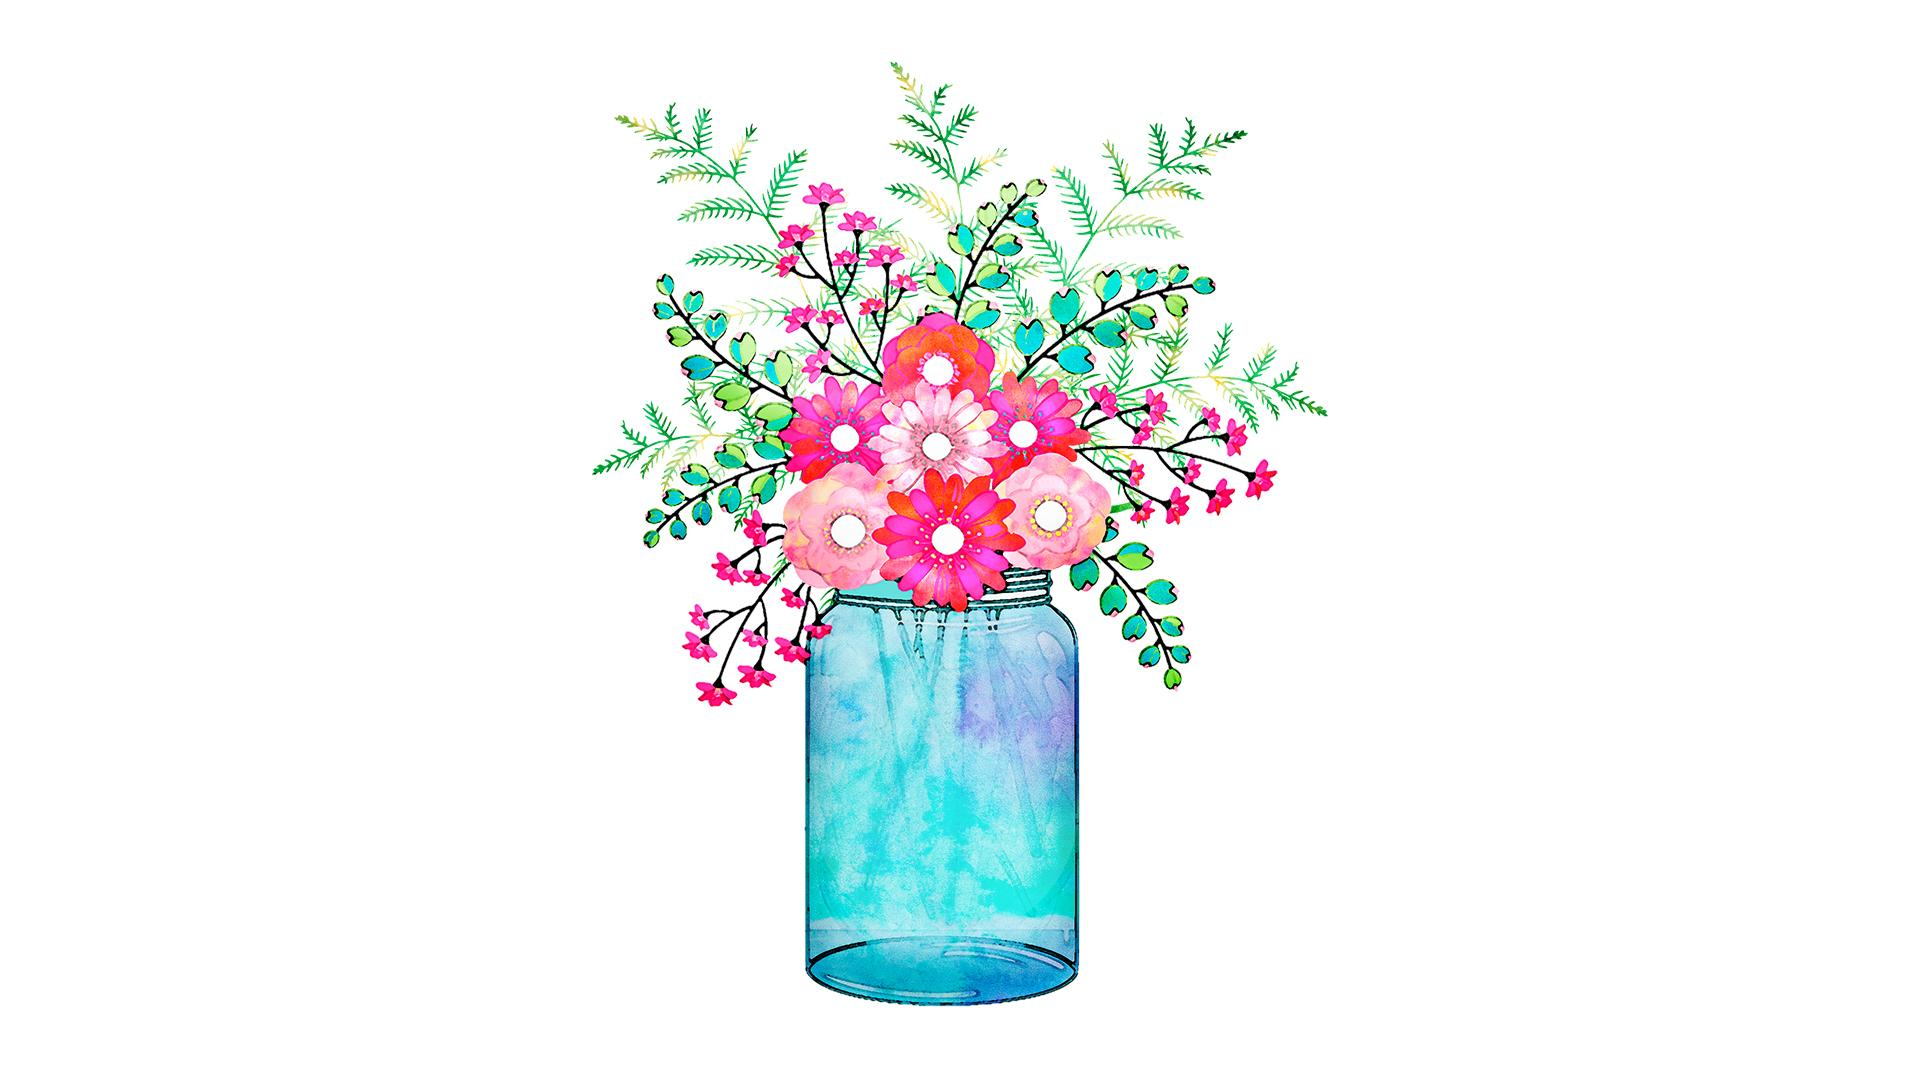 Individuelle Vase basteln: 3 tolle Ideen